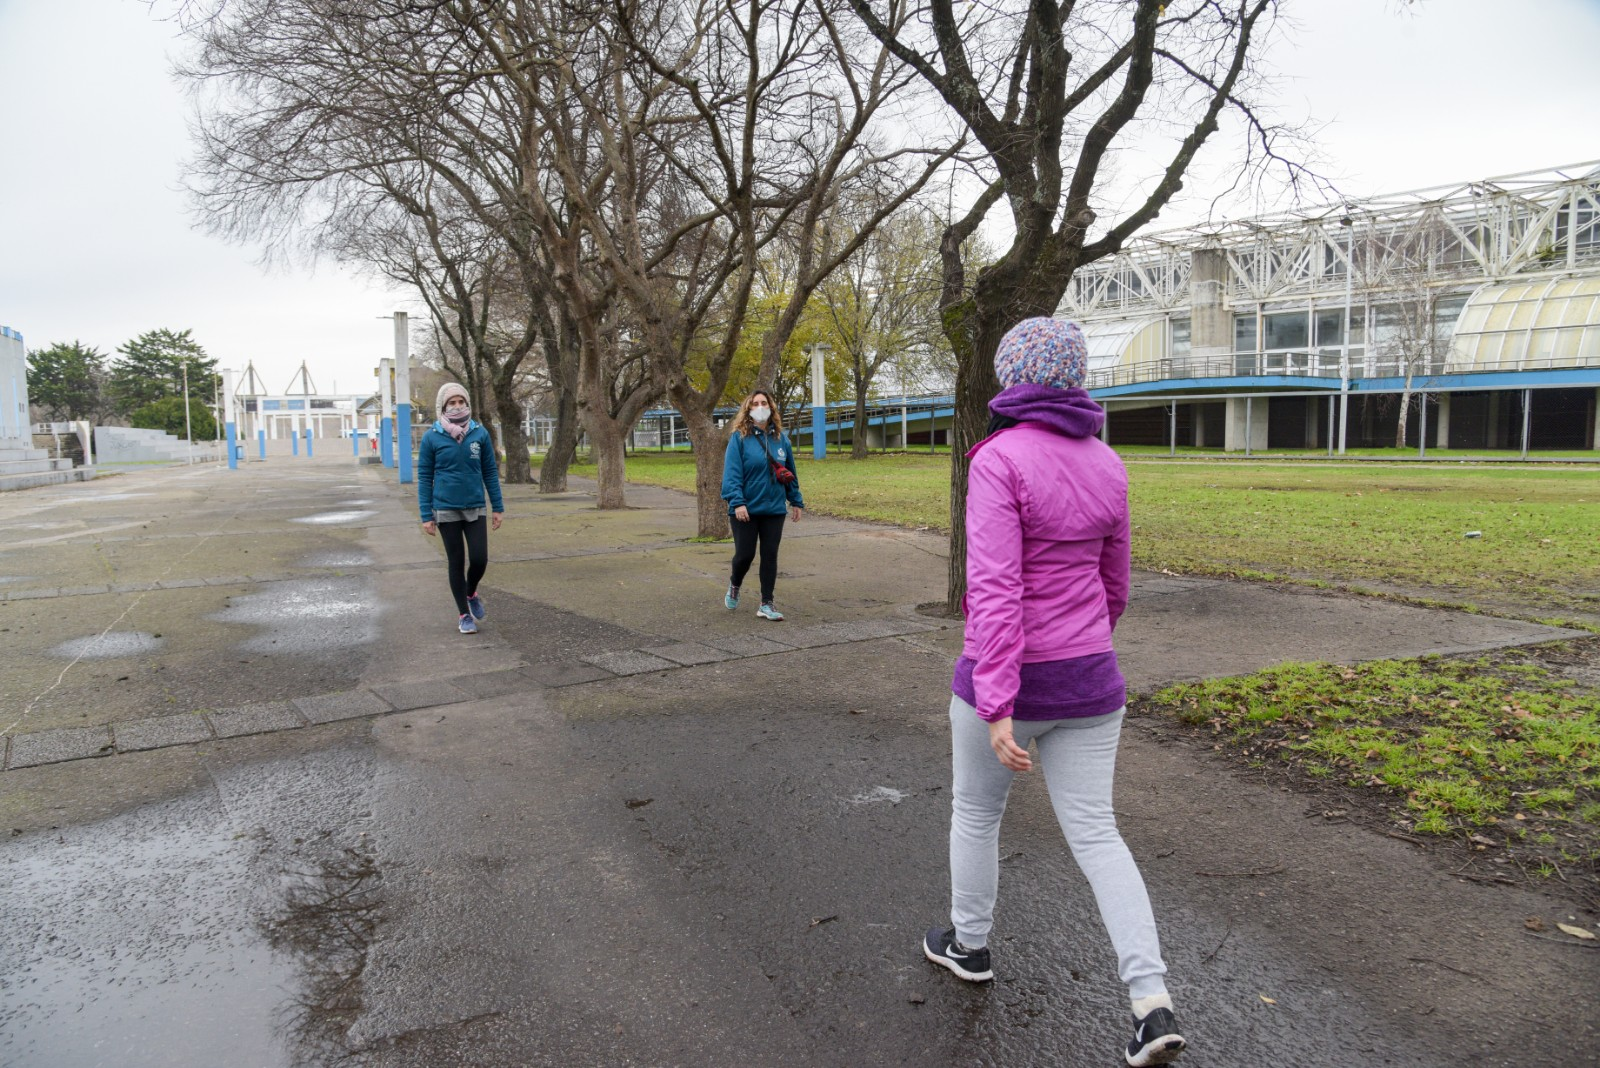 En la zona del Estadio Mundialista José María Minella, un grupo de mujeres camina con todo el protocolo de seguridad: tapabocas y distanciamiento.